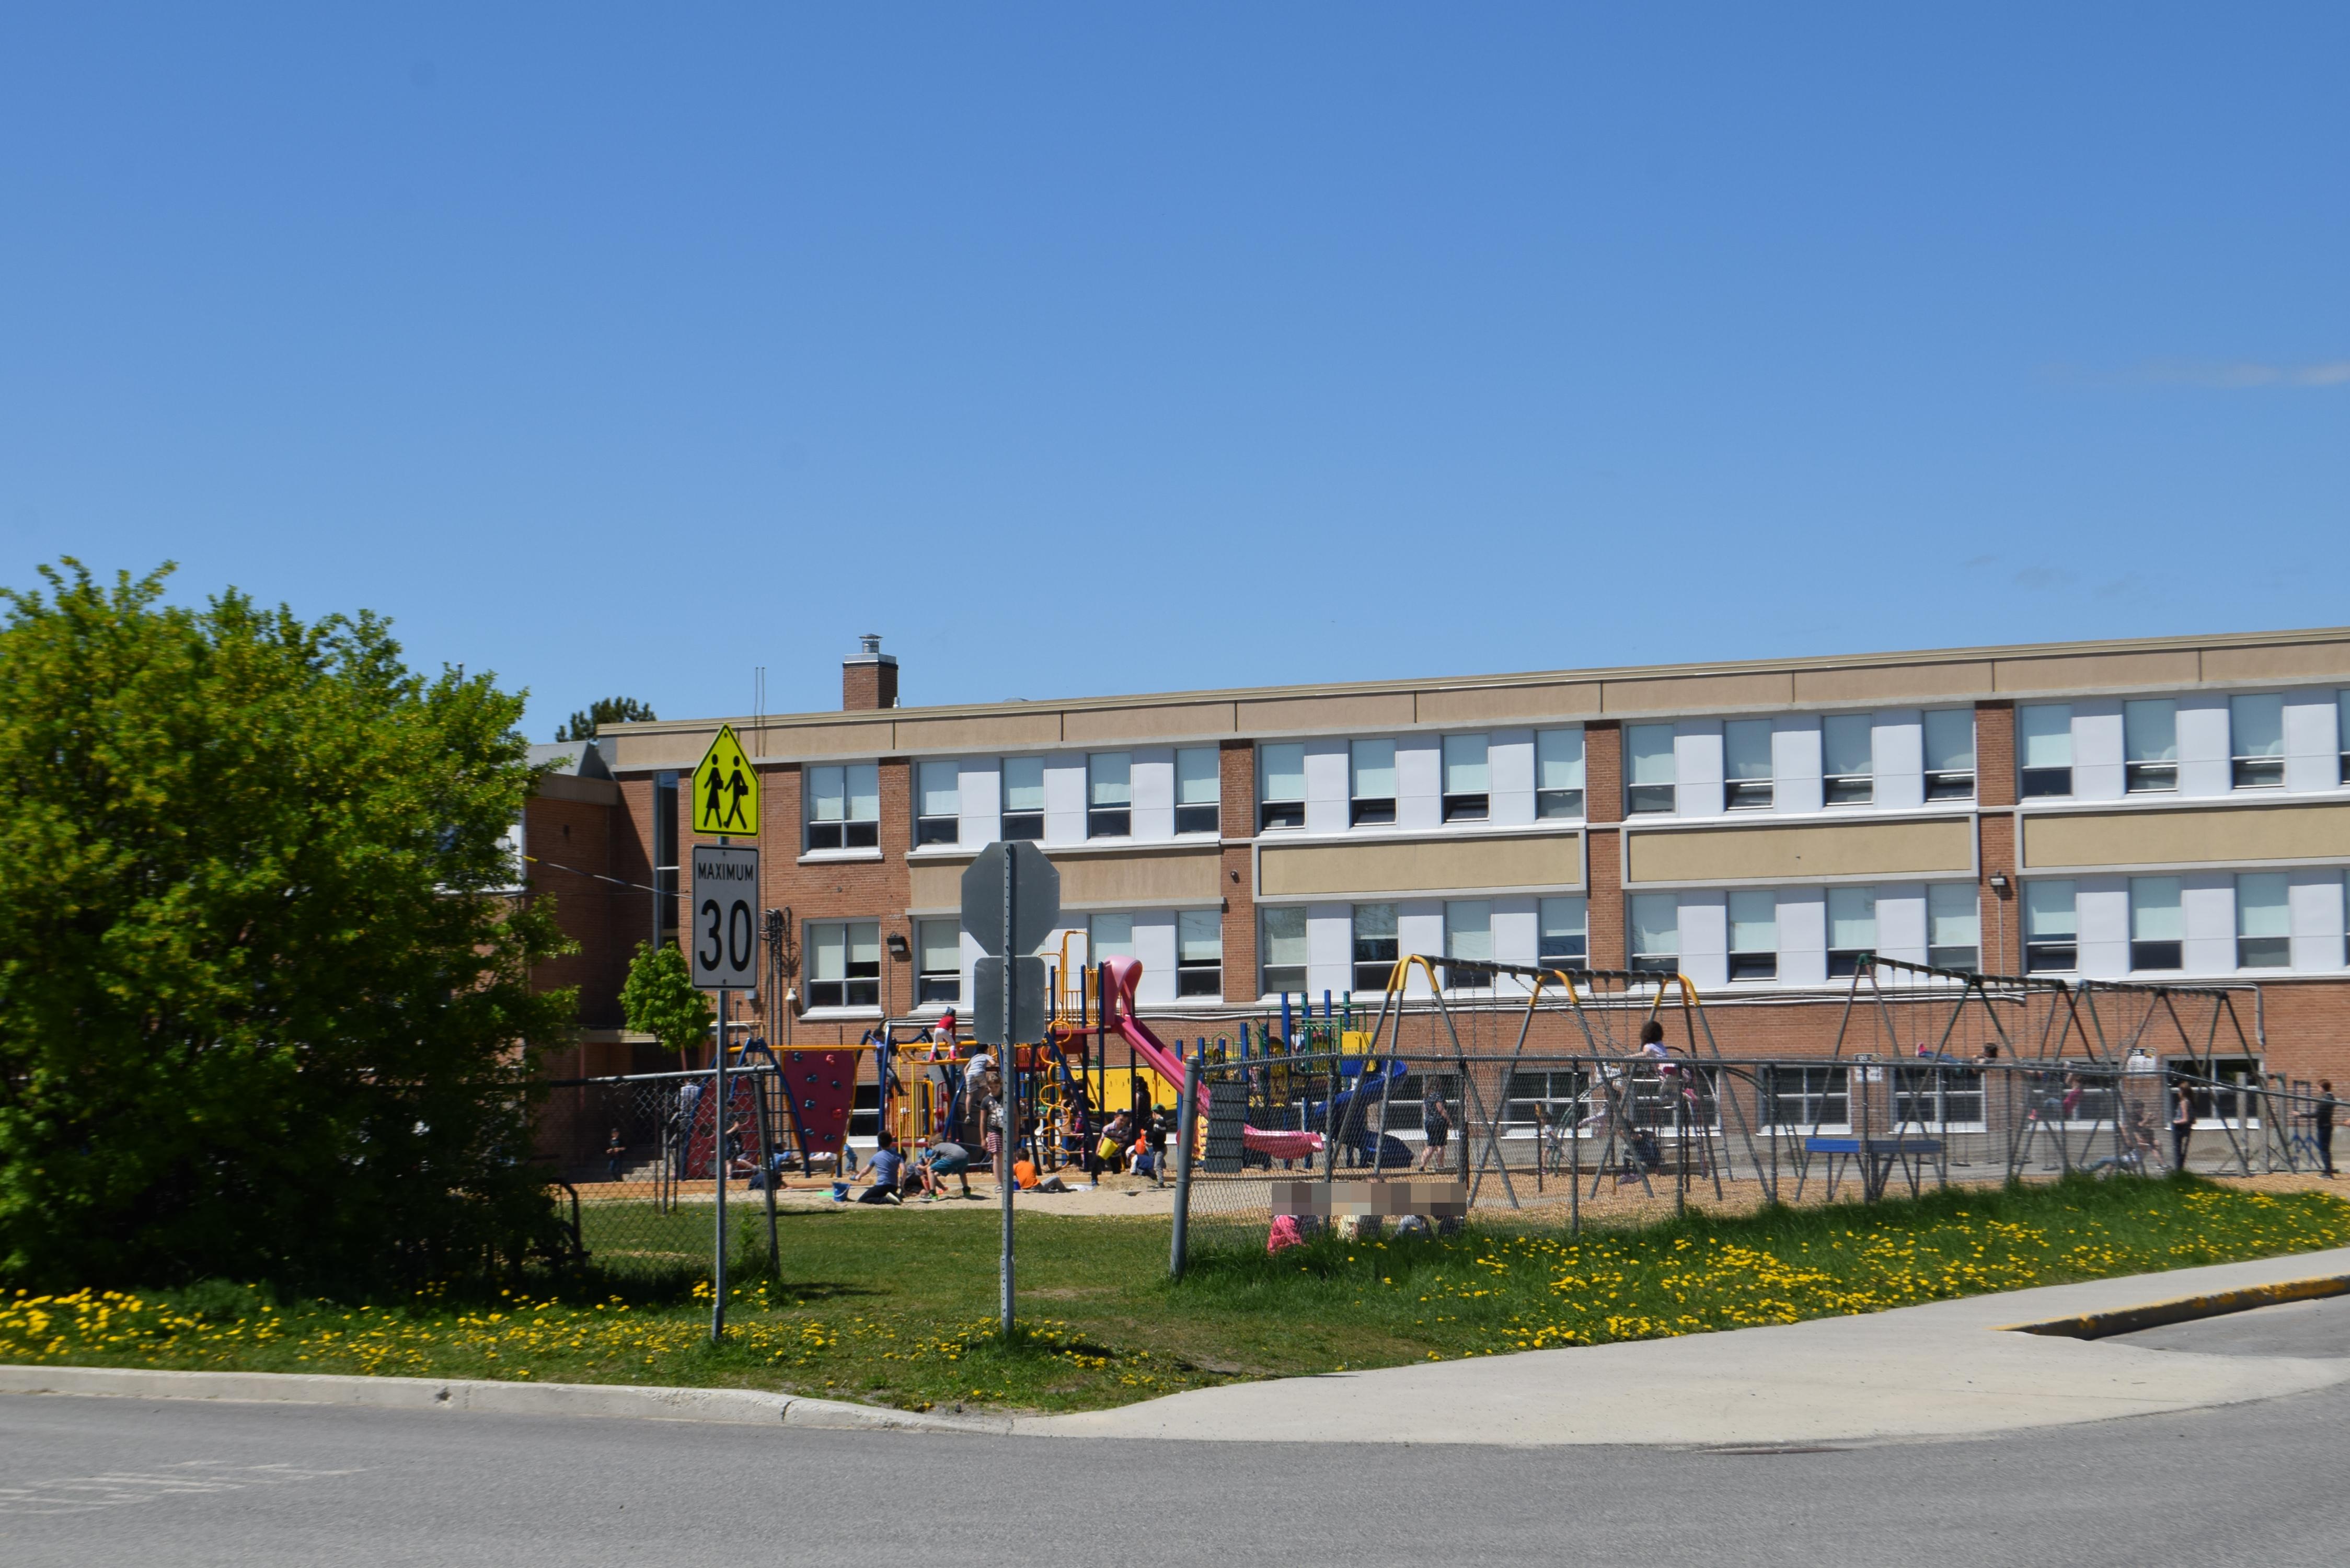 Cour école récréation Amos